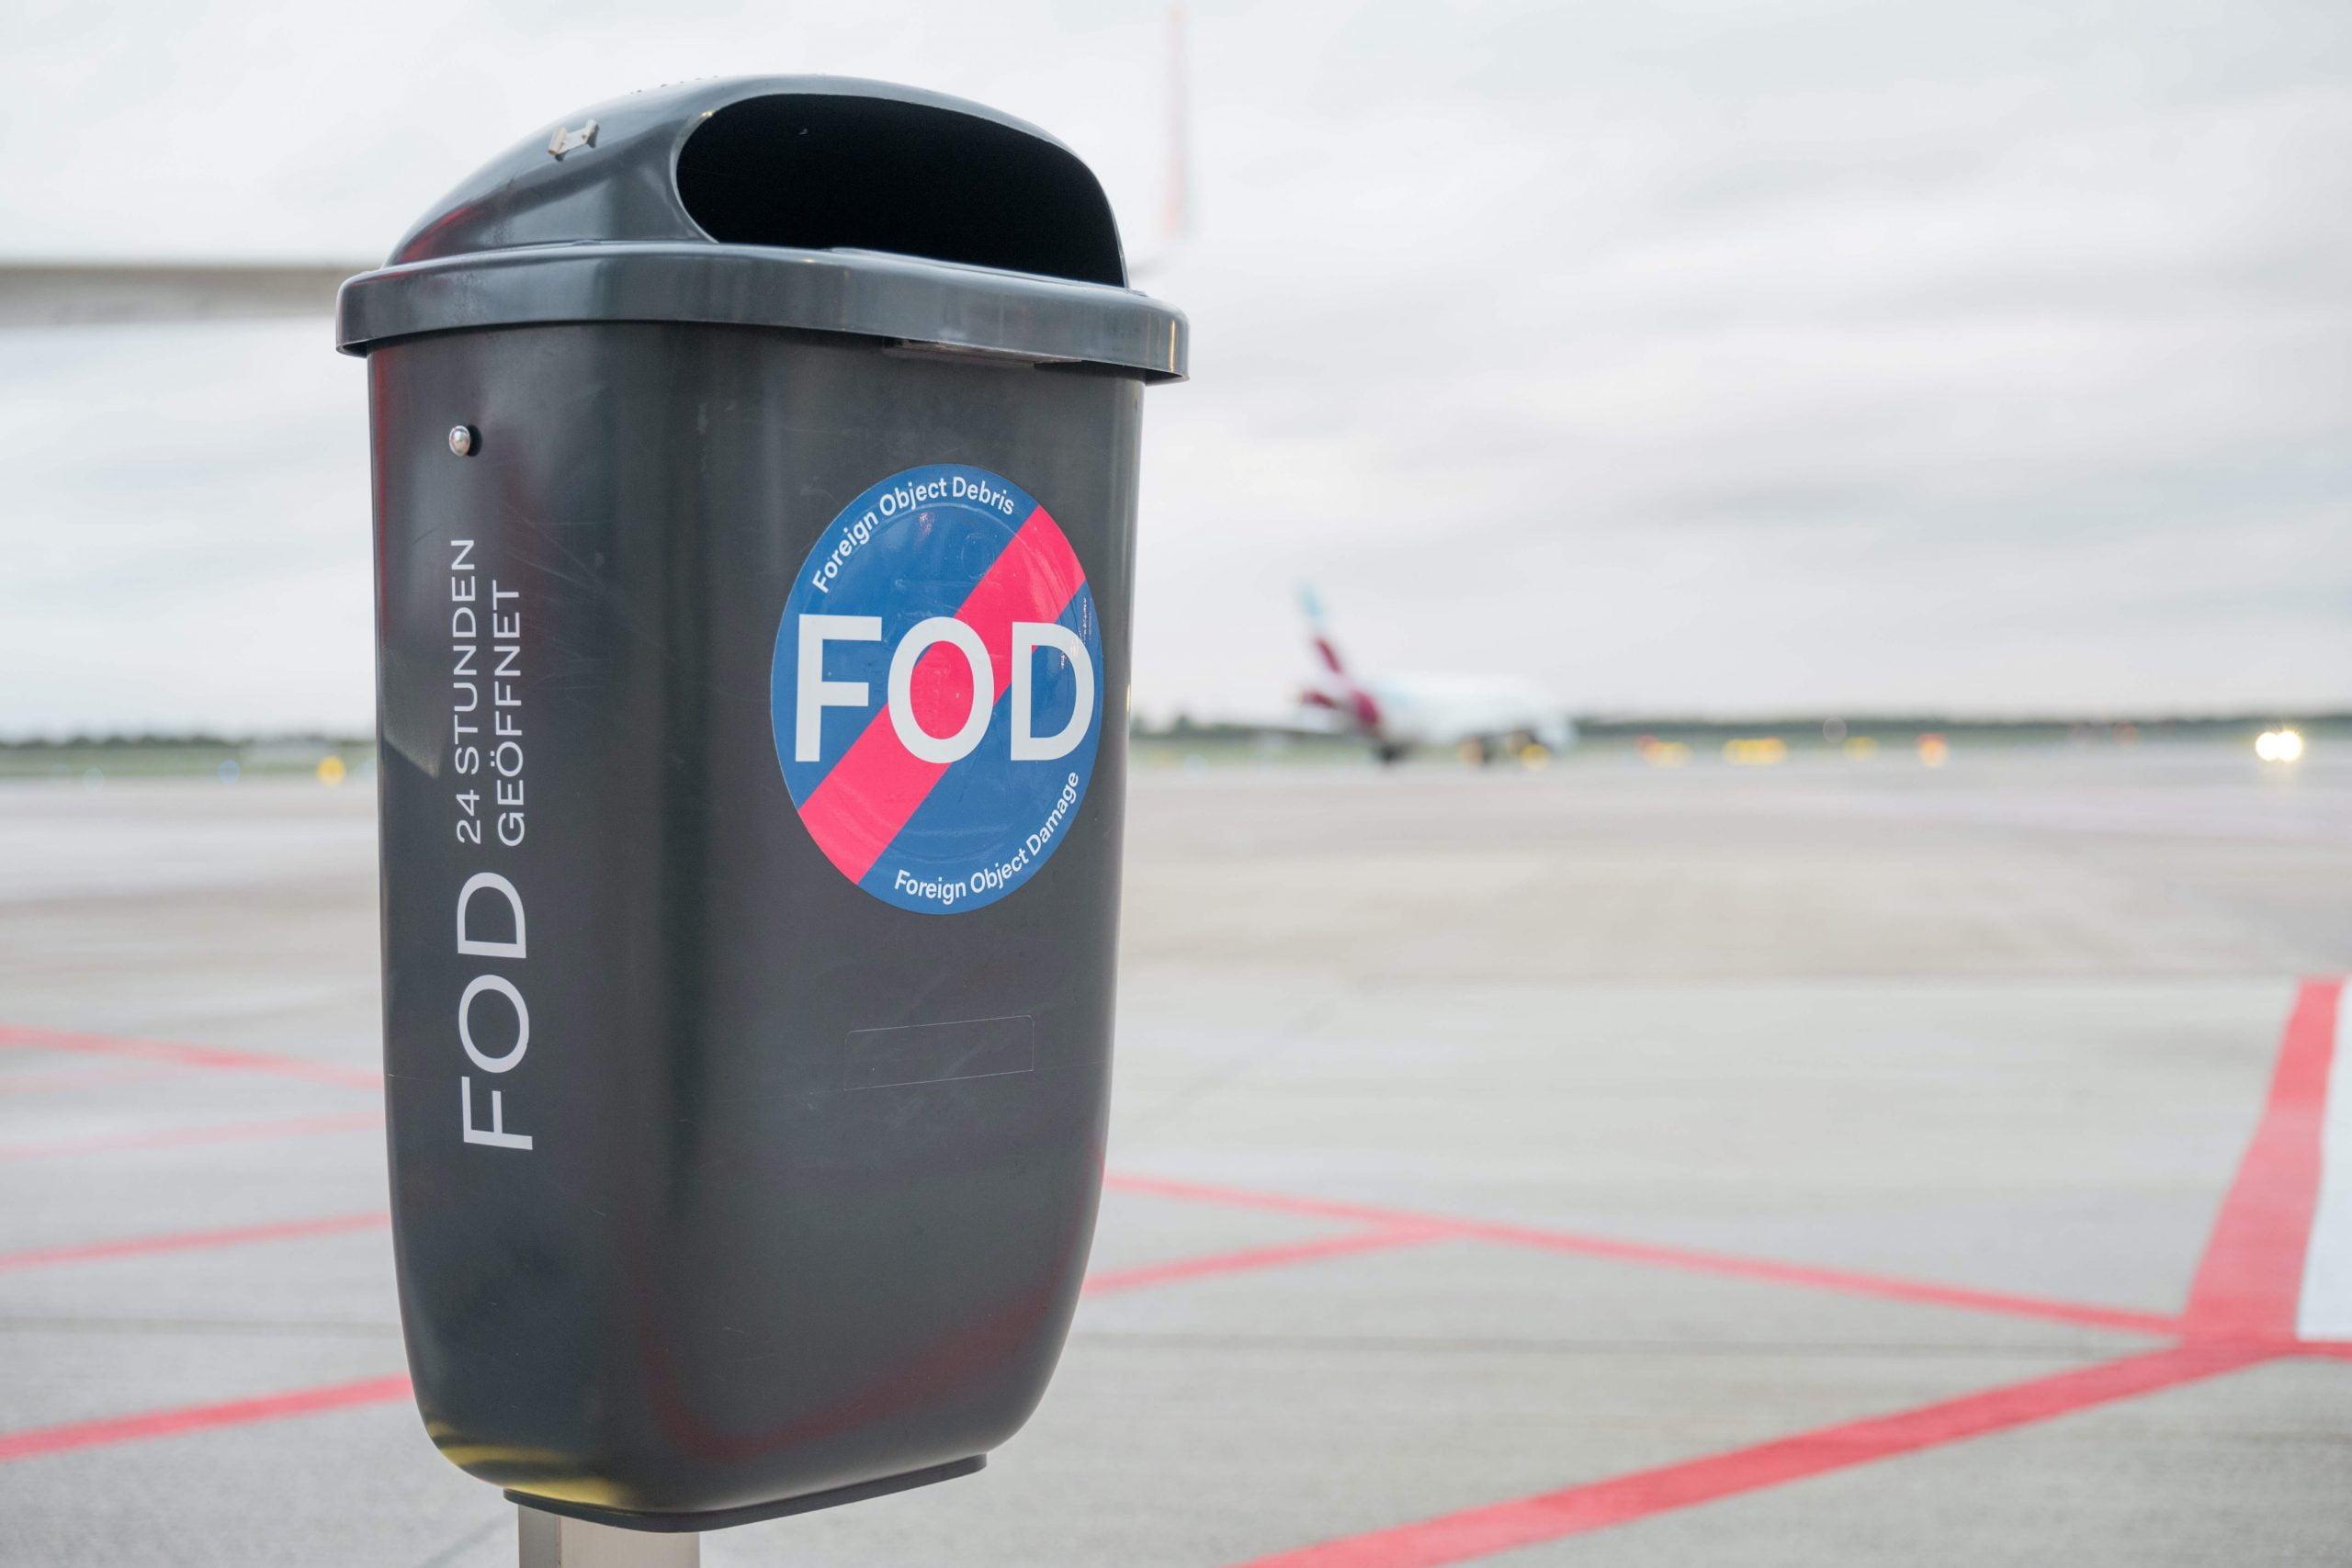 FOD bins